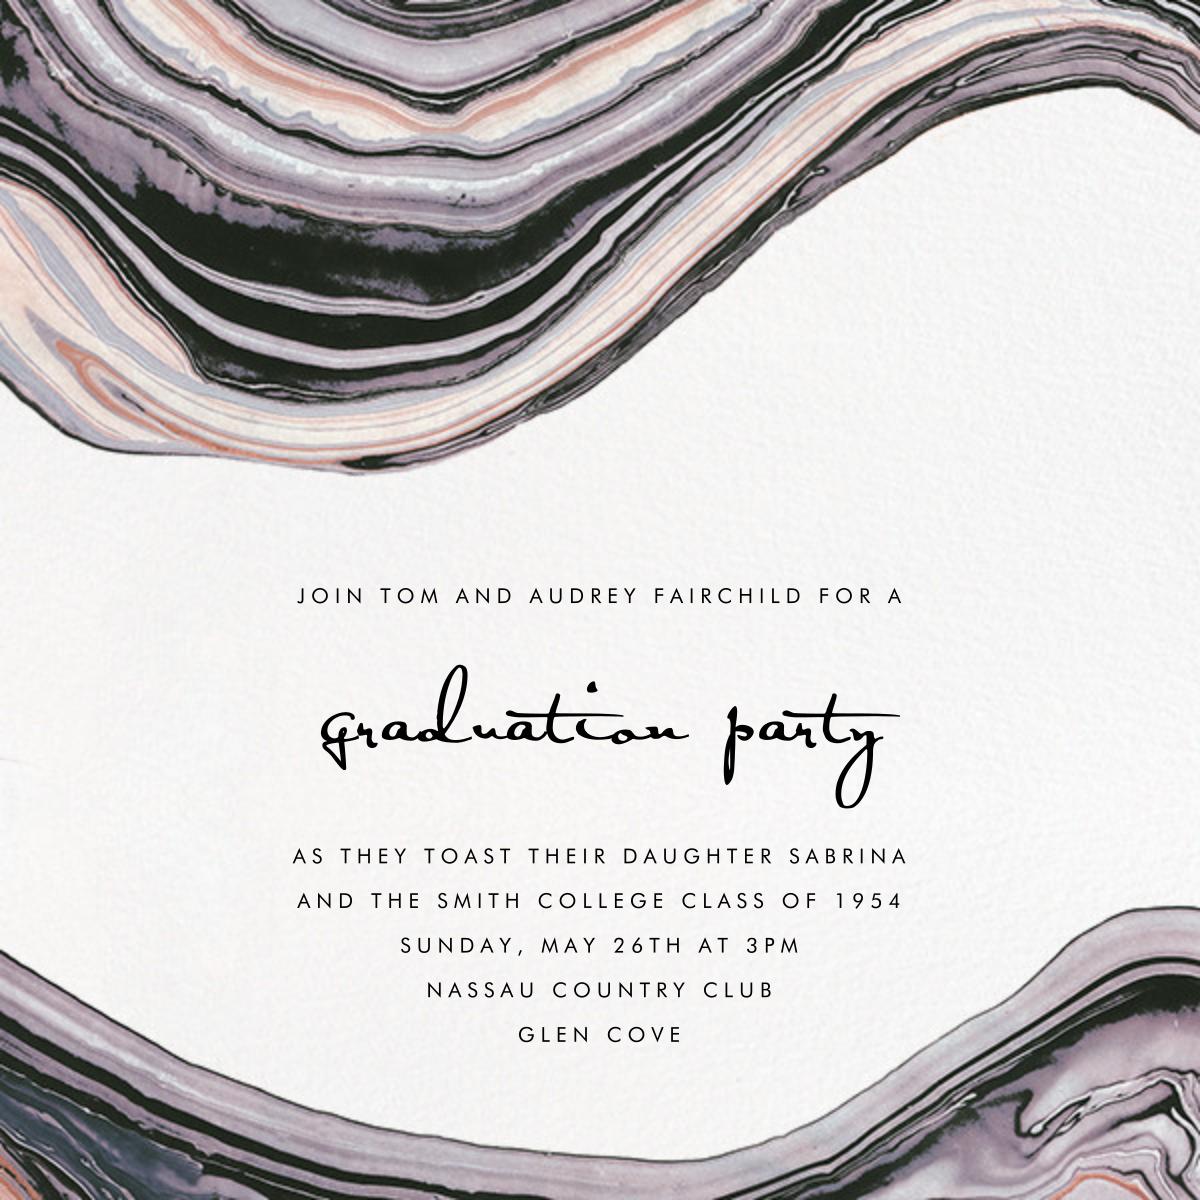 Marbleized - Kelly Wearstler - Graduation party